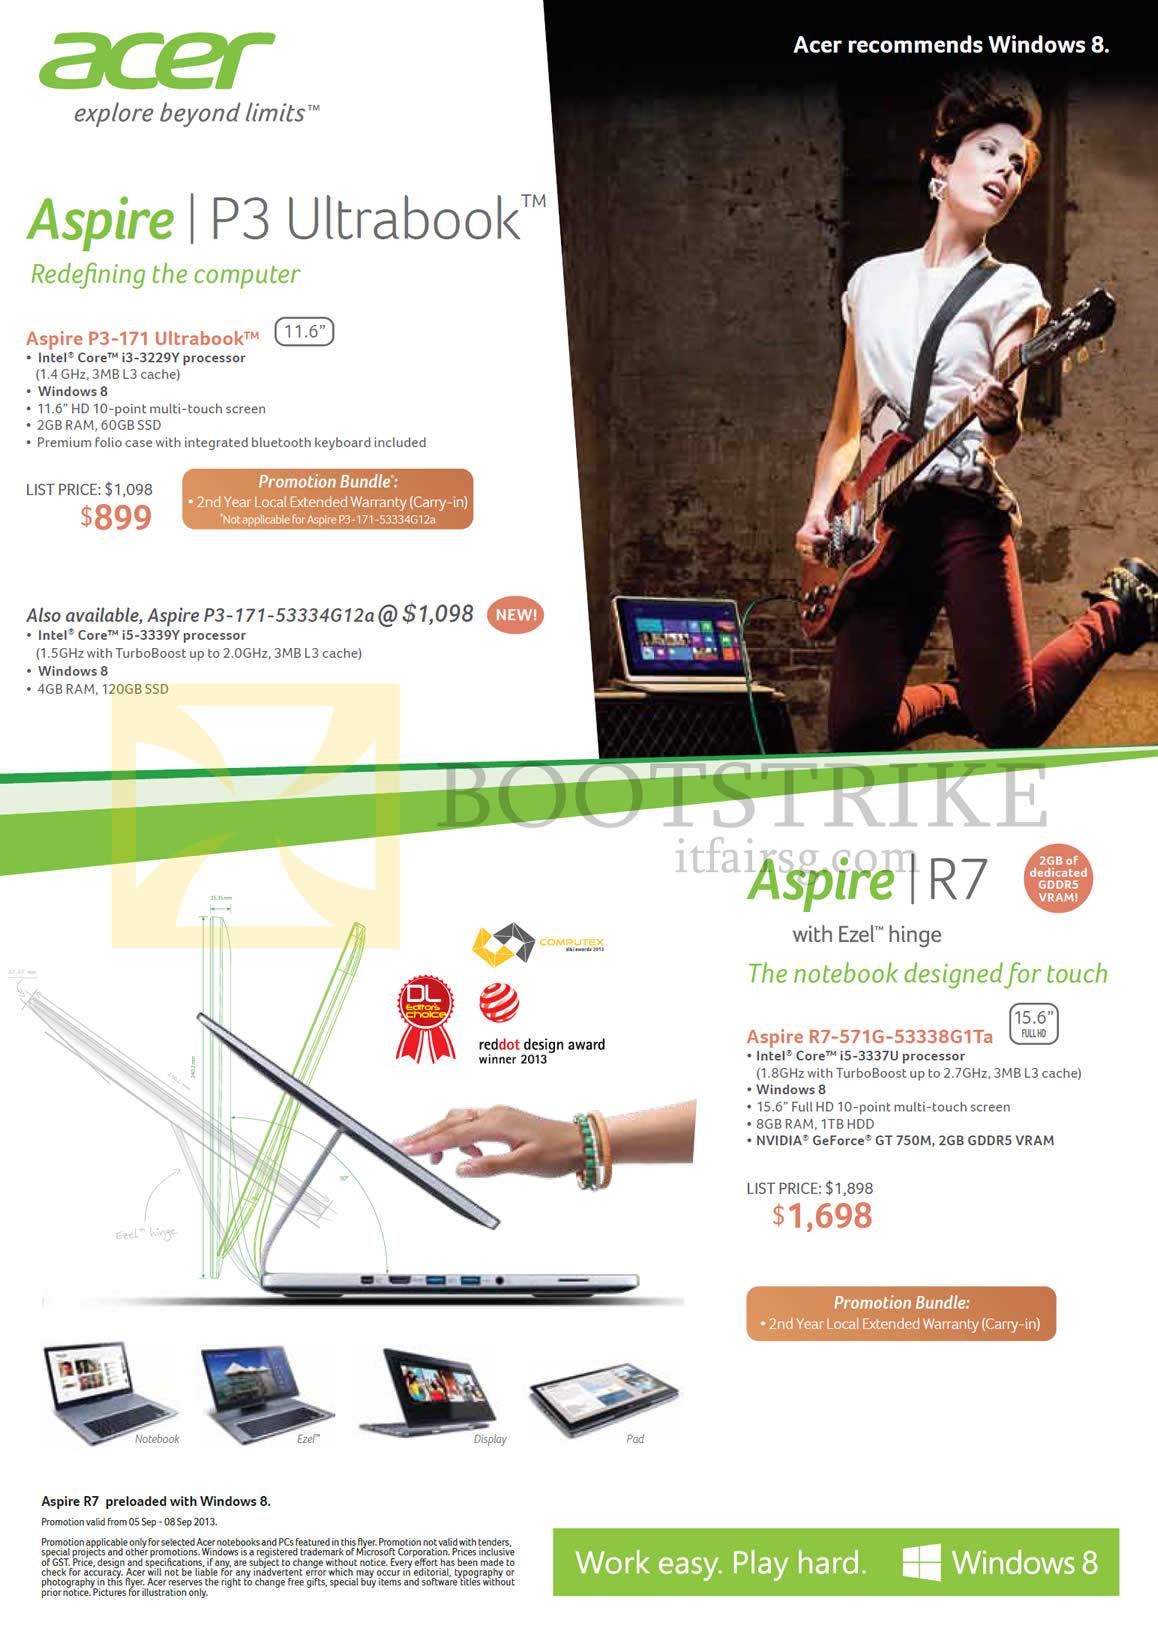 Acer Notebooks P3-171, P3-171-53334G12a, R7-571G-53338G1Ta